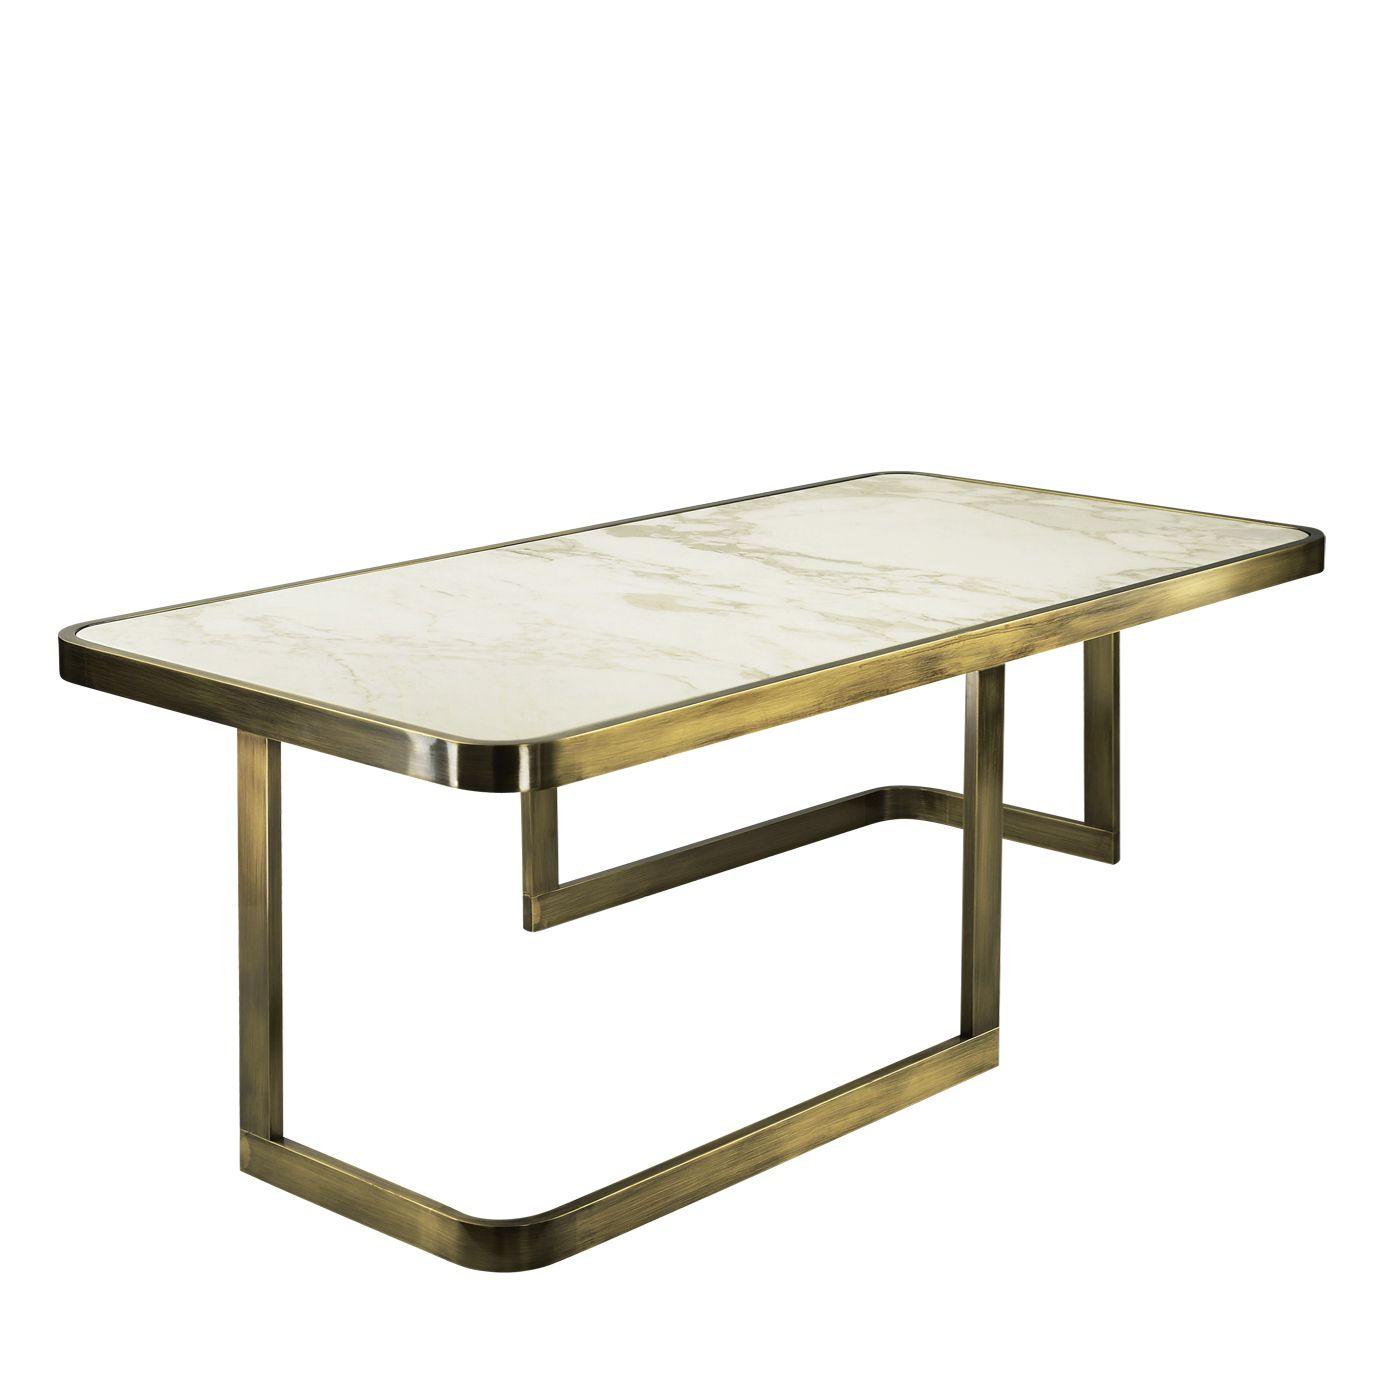 Jean Coffee Table in 2019 | ECDM | Table furniture, Table